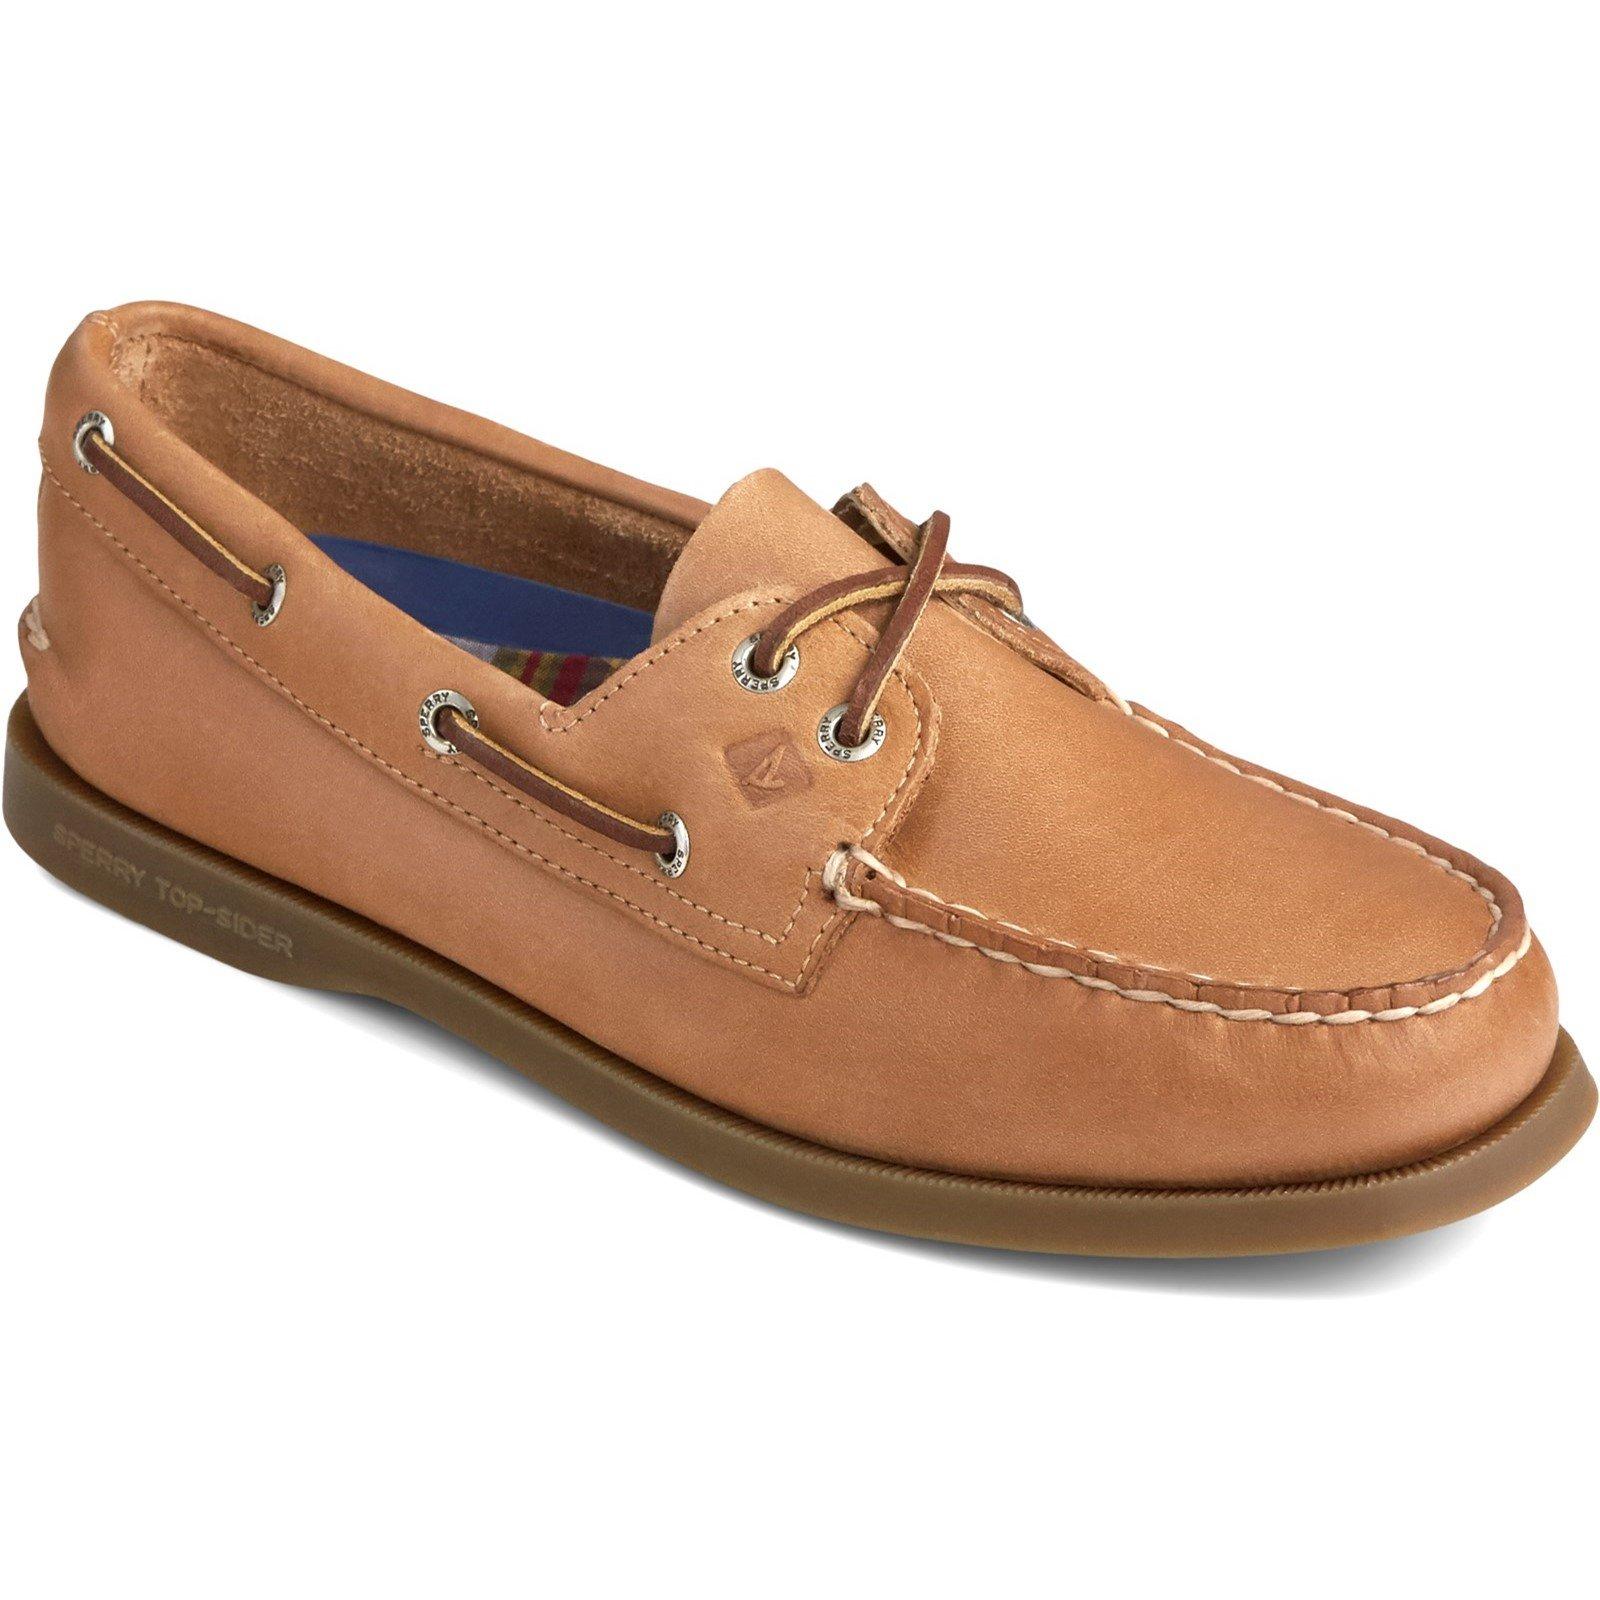 Sperry Women's Authentic Original Boat Shoe Various Colours 31535 - Nutmeg 6